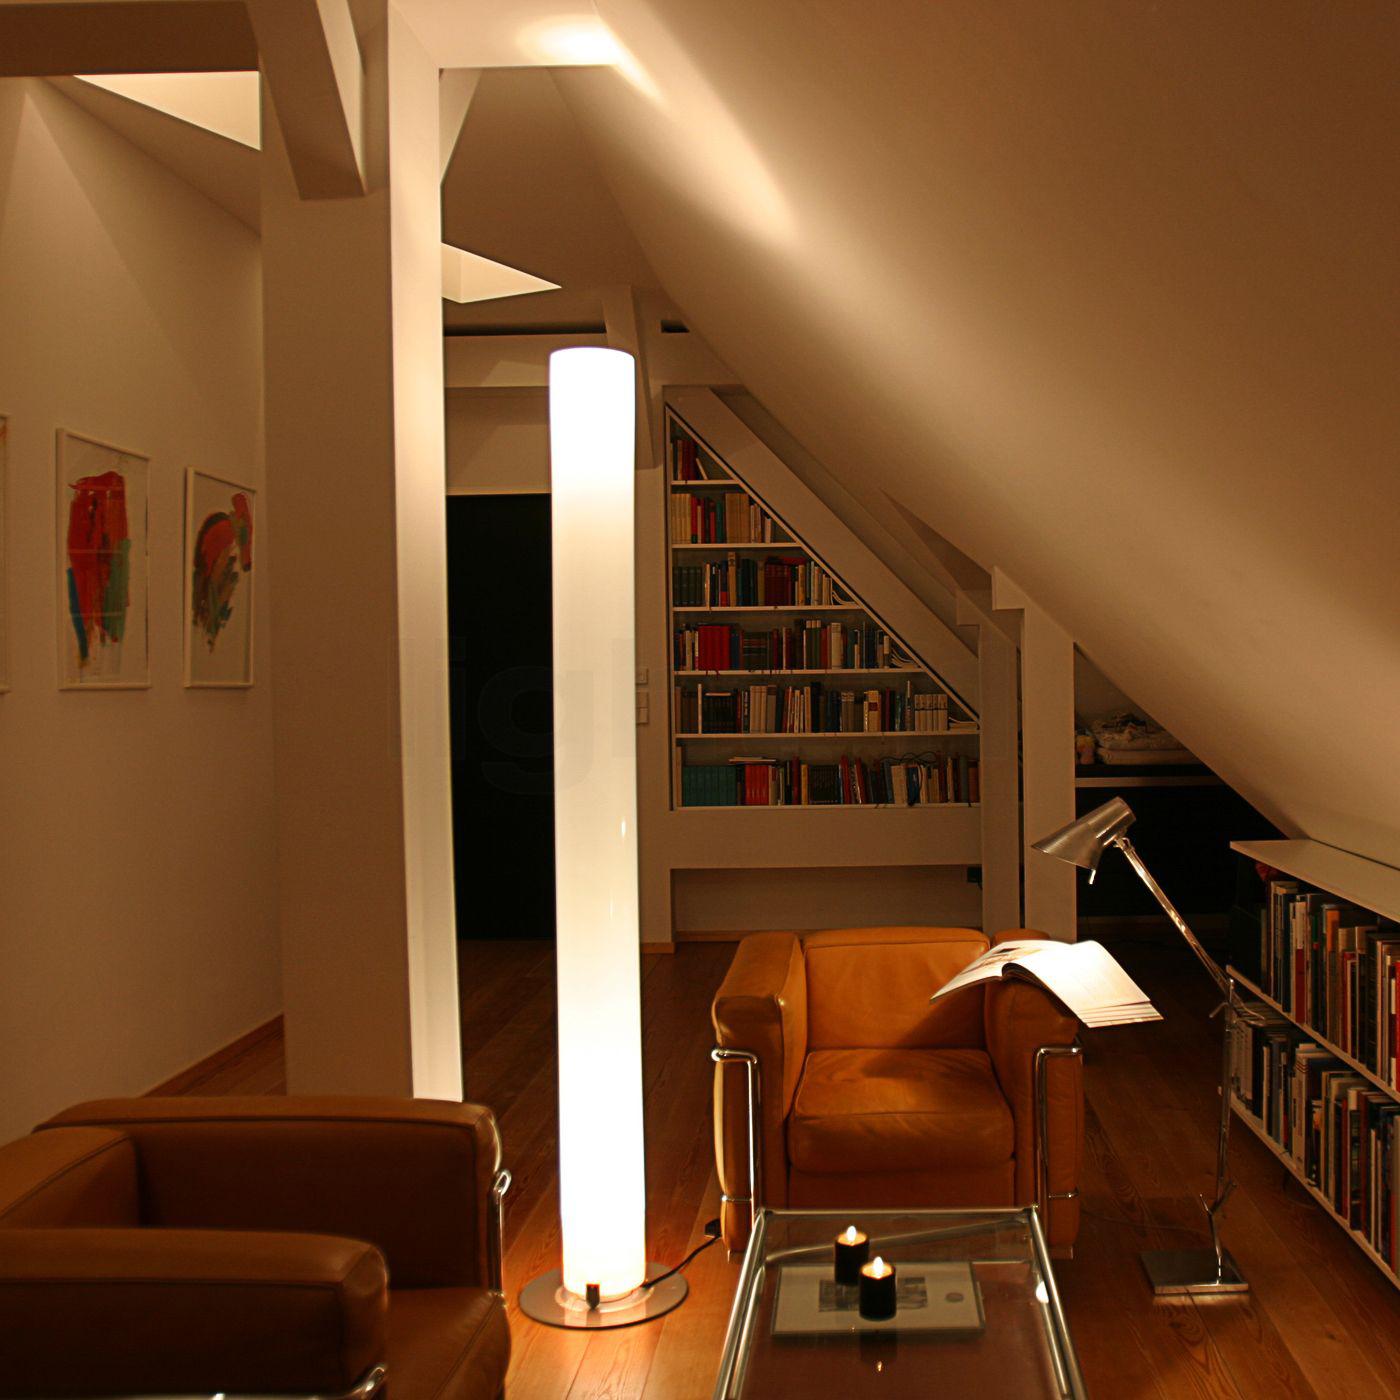 soorten lampen welke zijn voor u geschikt voor en nadelen. Black Bedroom Furniture Sets. Home Design Ideas